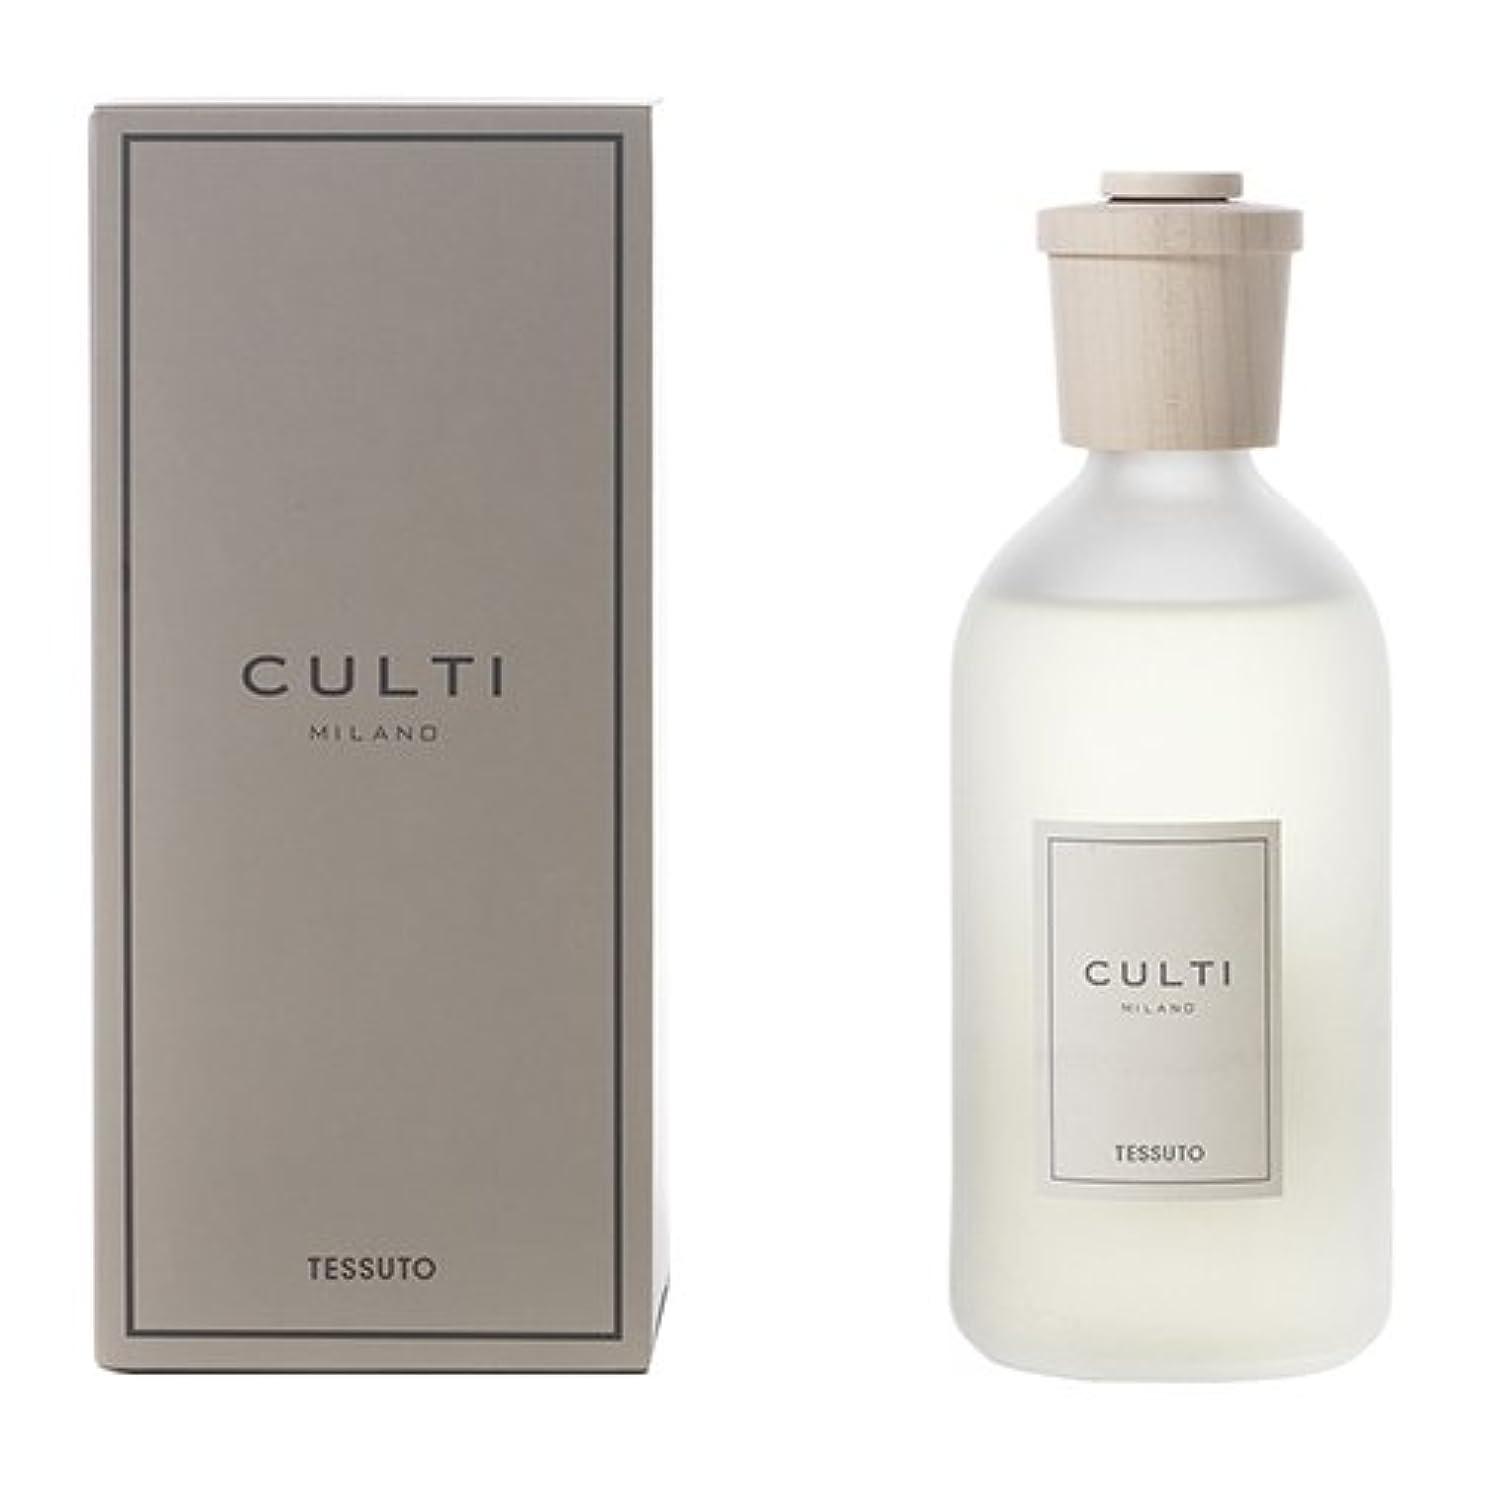 砲撃多様なラフト【CULTI】 クルティクラシック TESSUTO 1000ml (アロマディフューザー) [並行輸入品]